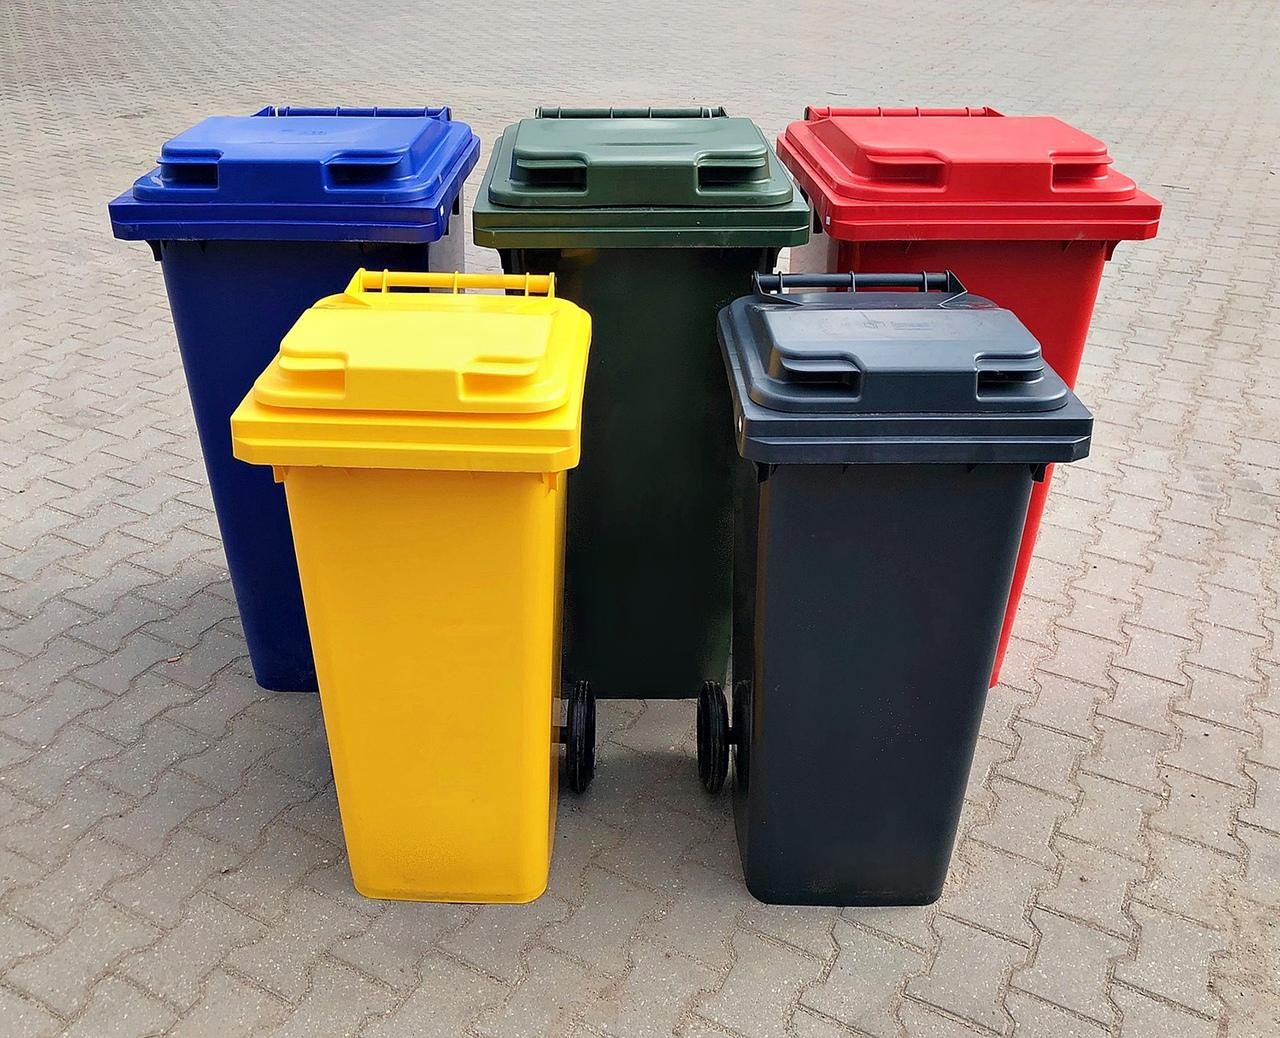 Как можно заработать на бытовых отходах и правильно выкинуть строительный мусор?